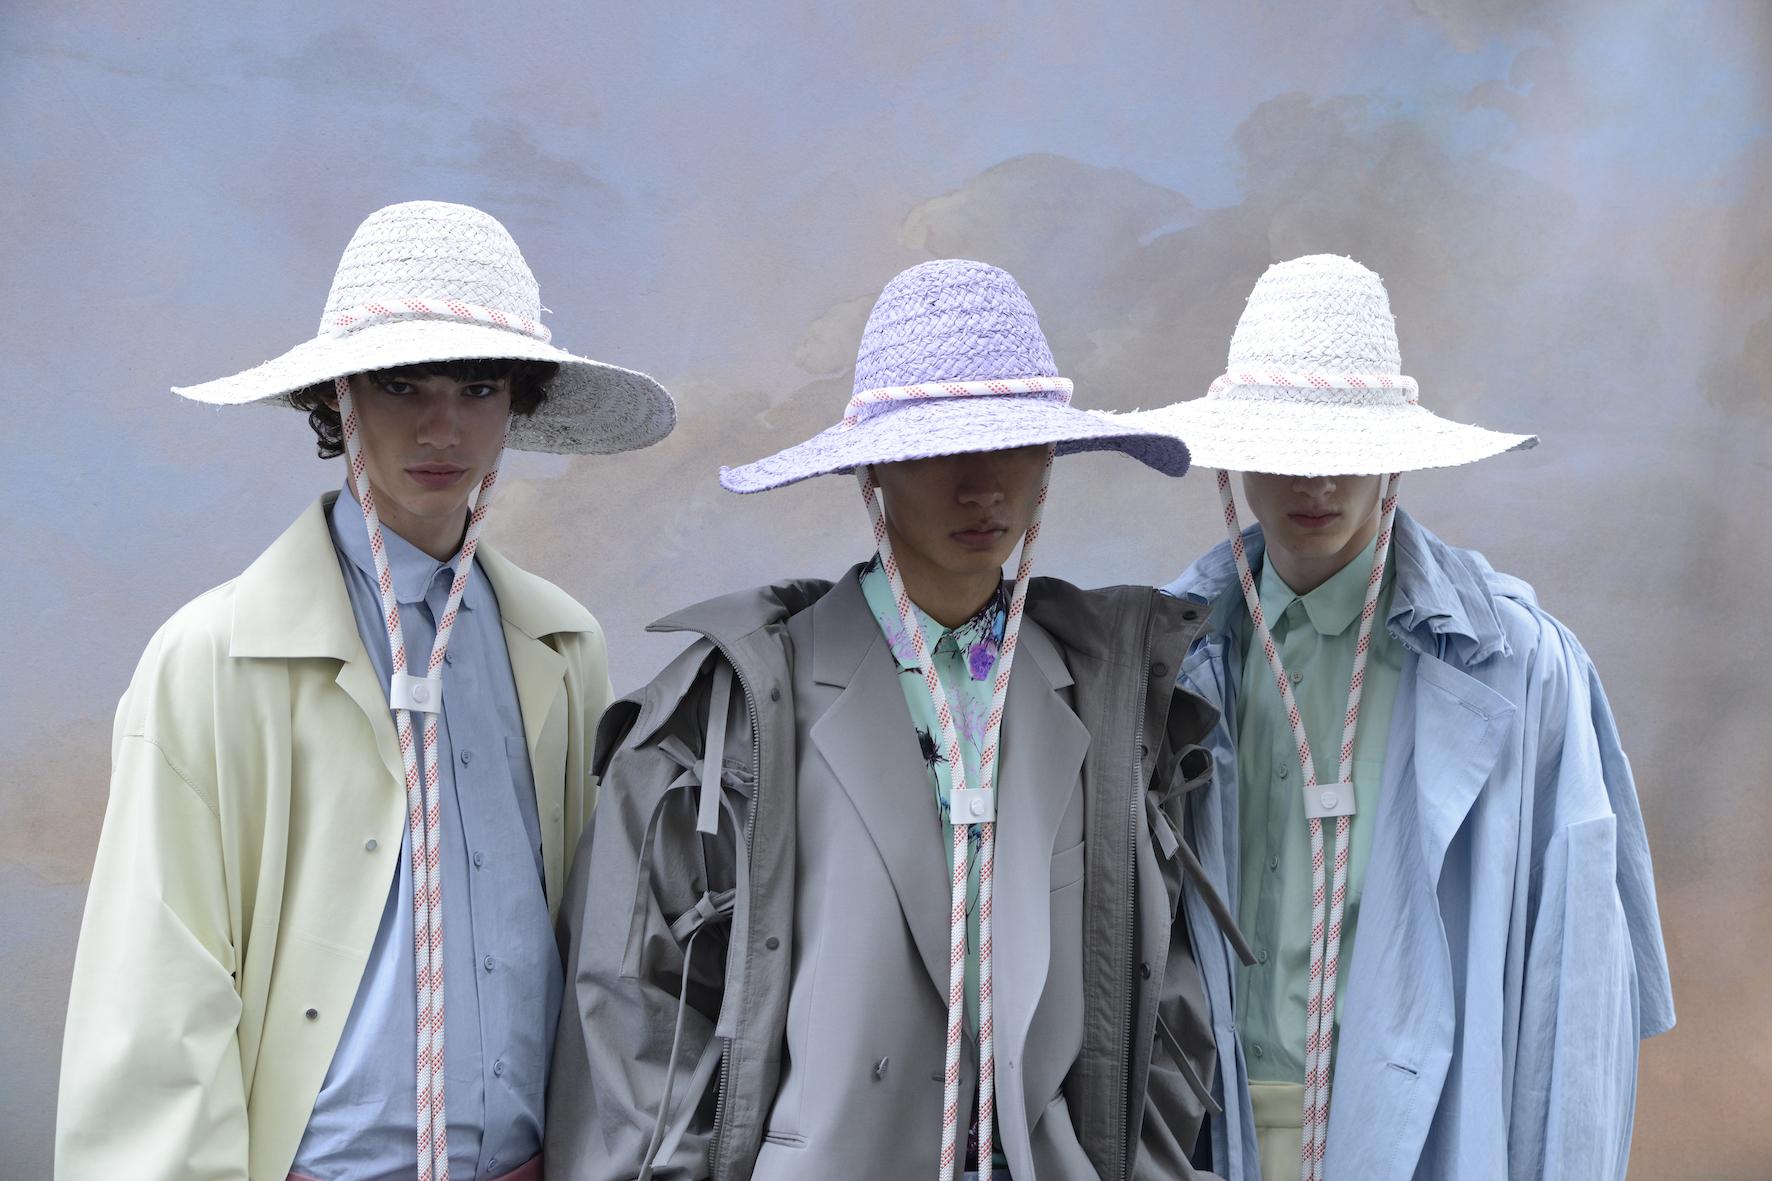 Louis_Vuitton_SS20_Behind_The_Blinds_Magazine_d804610-jpg.jpg